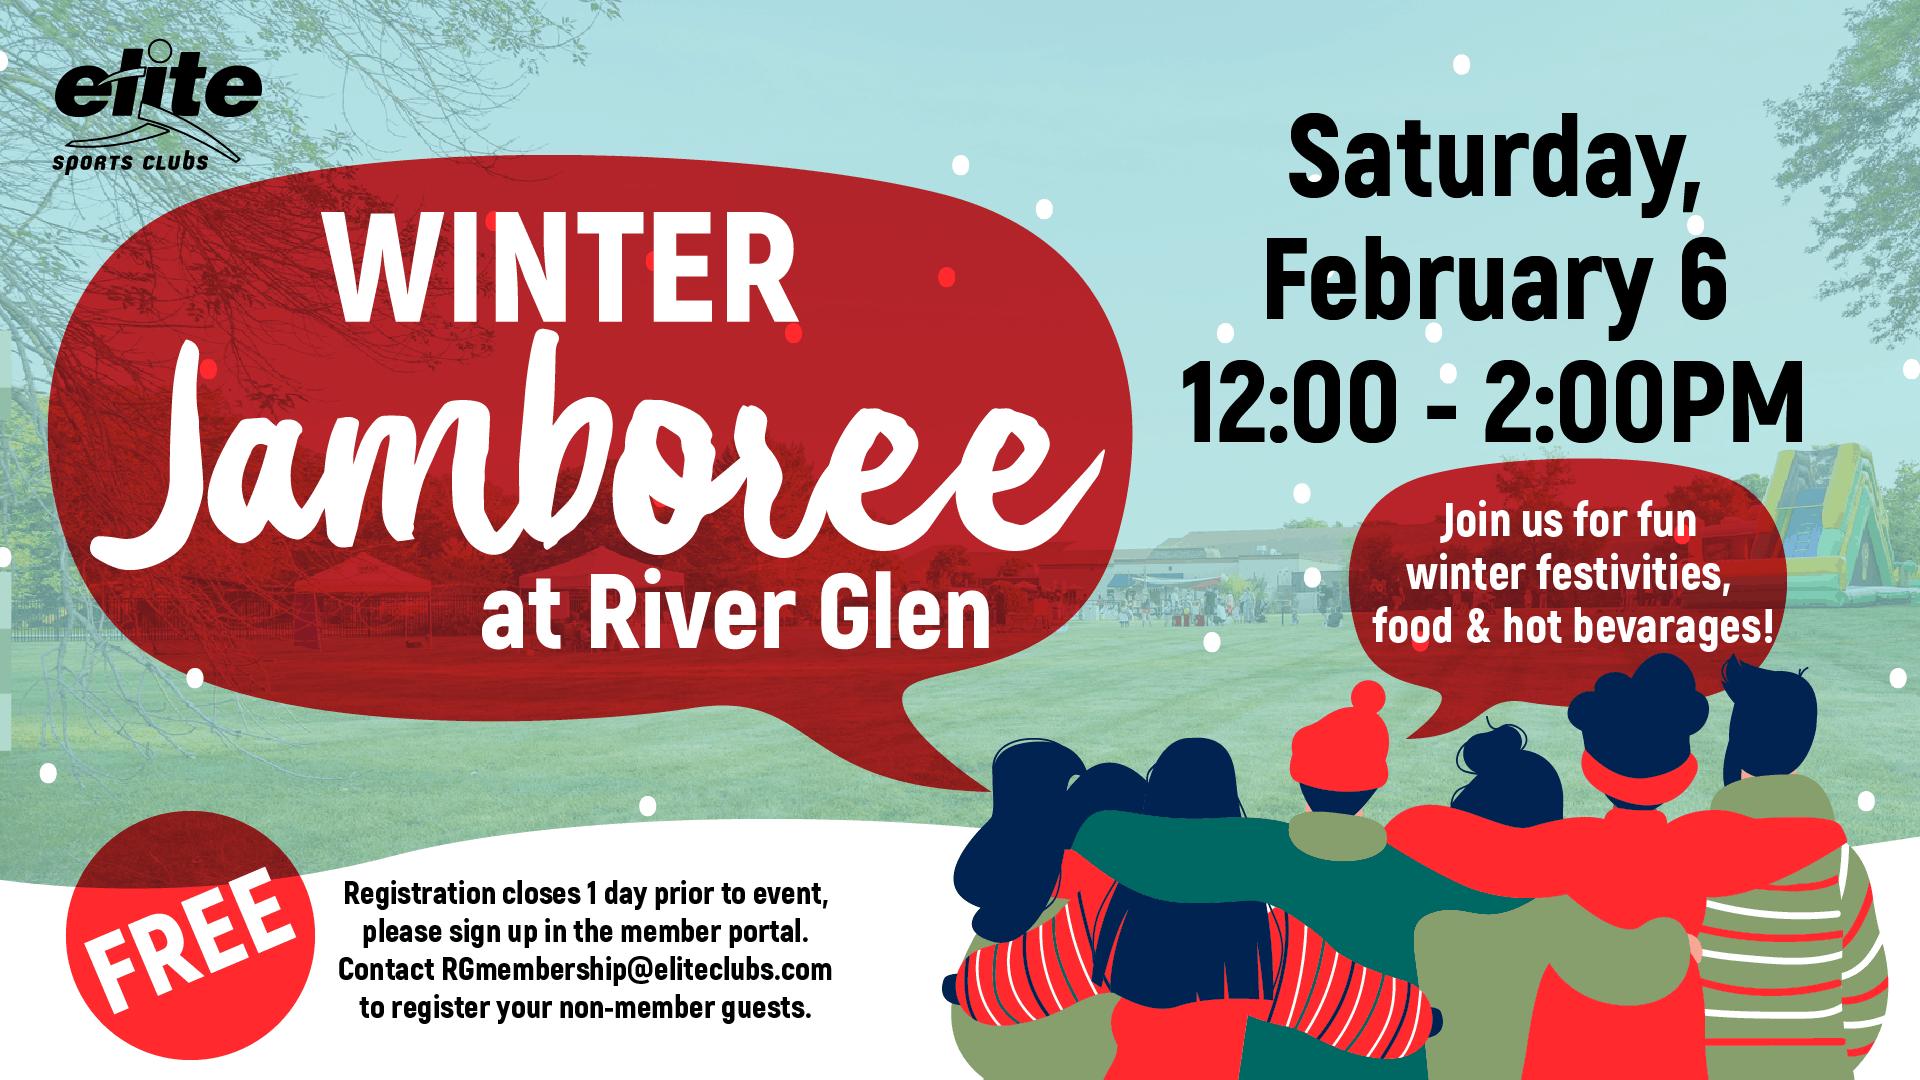 Winter Jamboree - Elite River Glen - February 2021